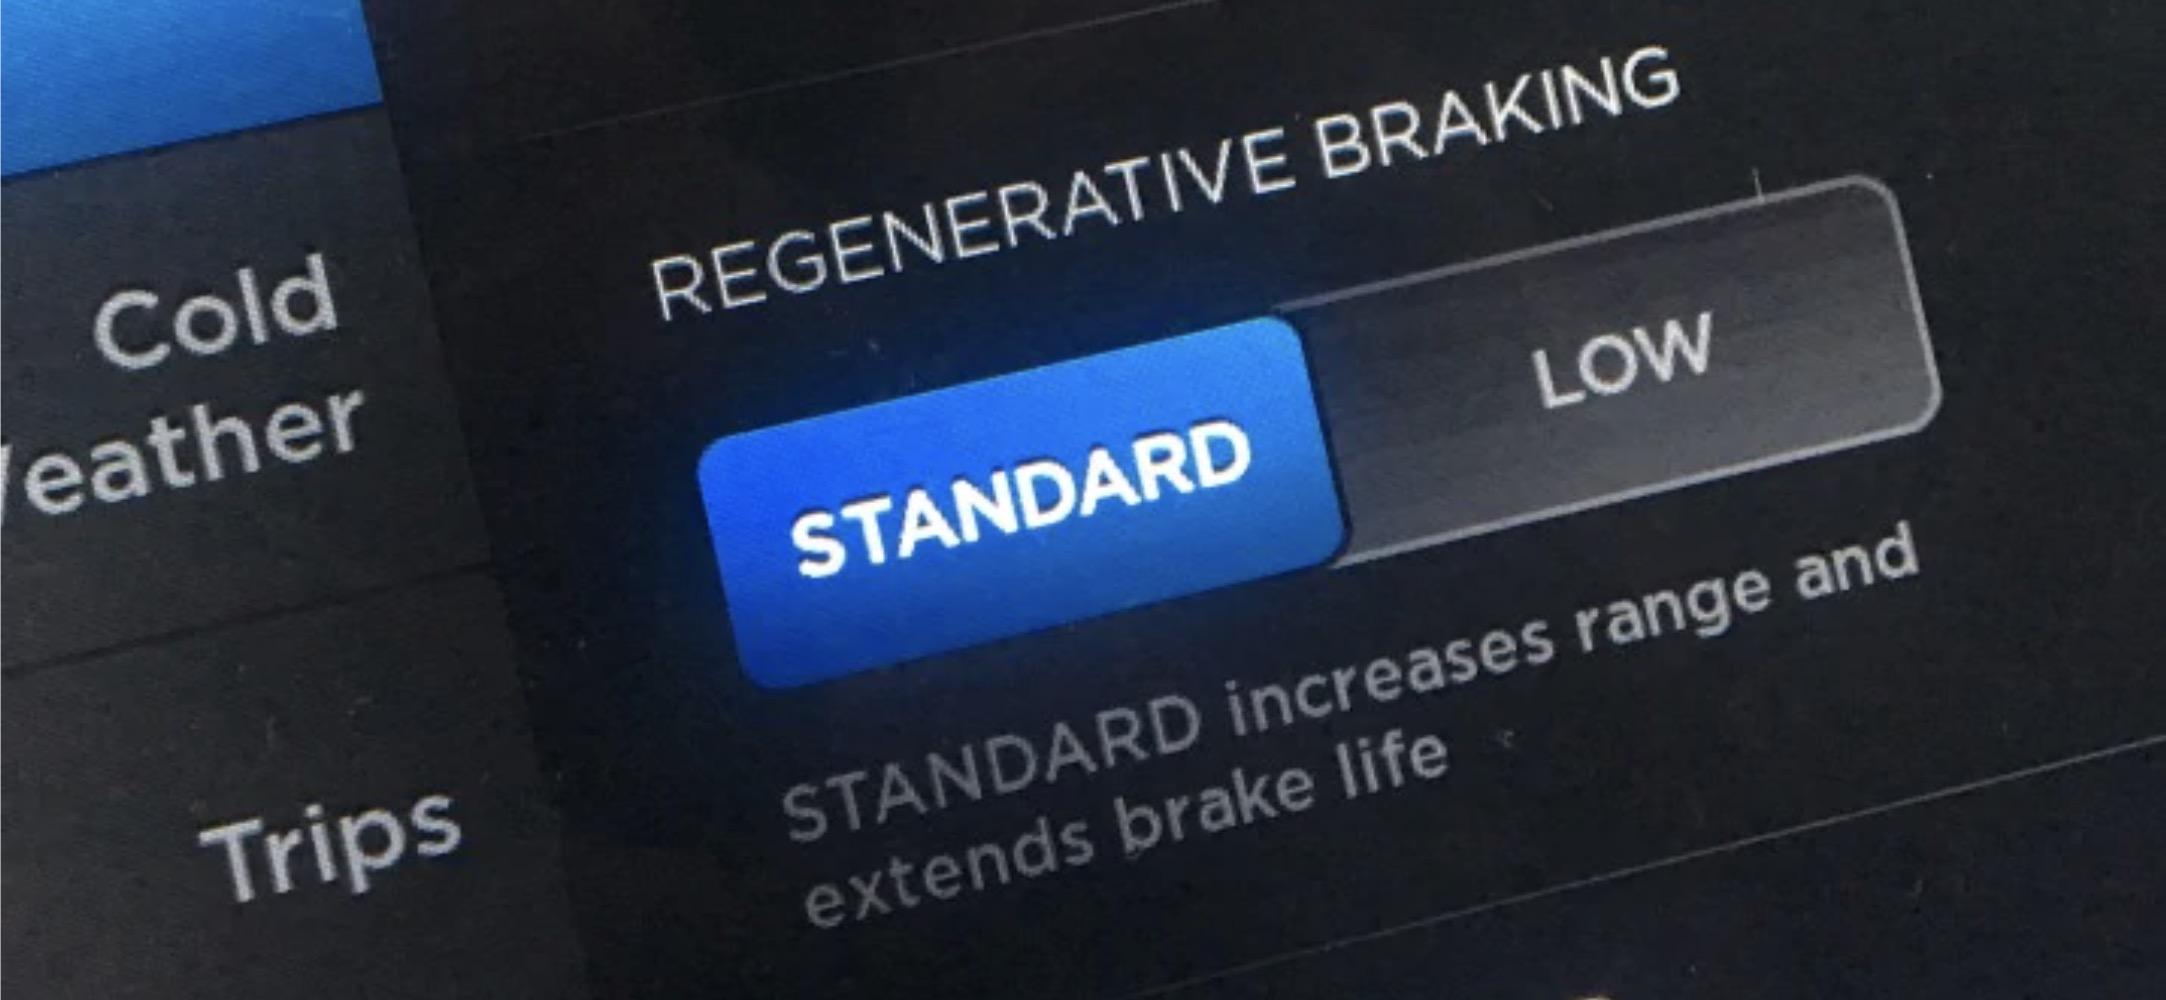 Tesla-regen-braking